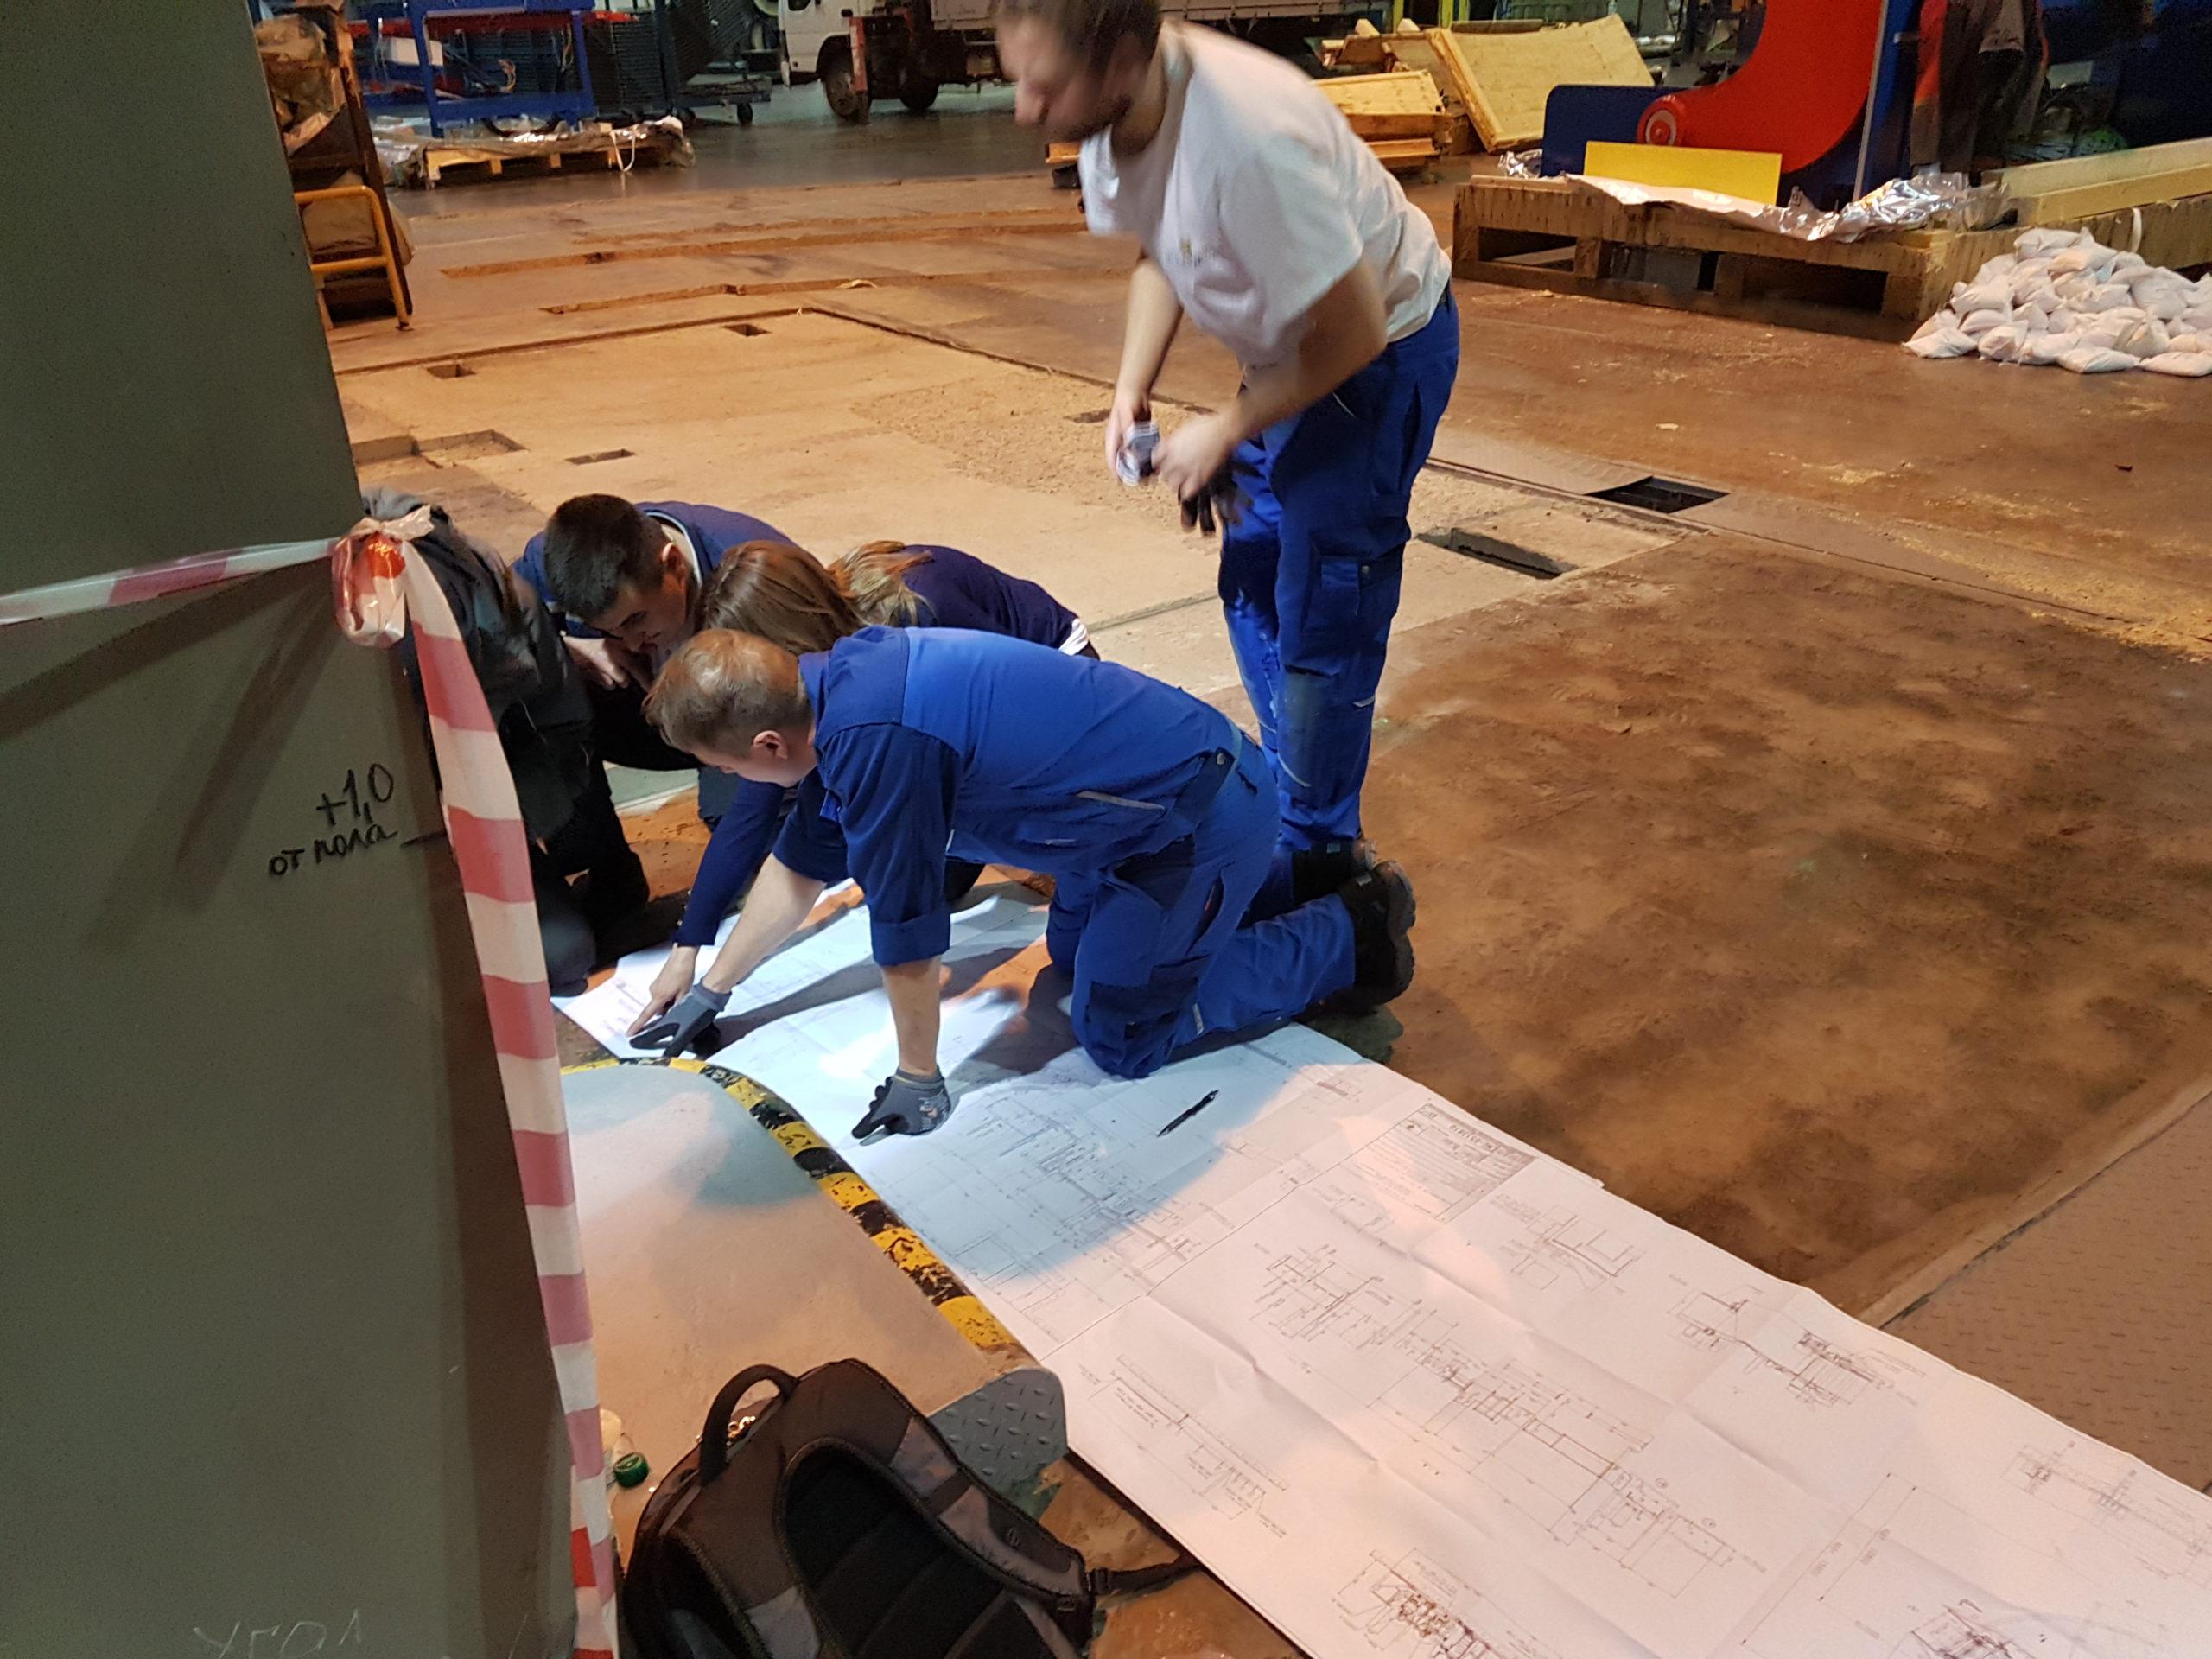 Чтение чертежей на площадке перед монтажом оборудования